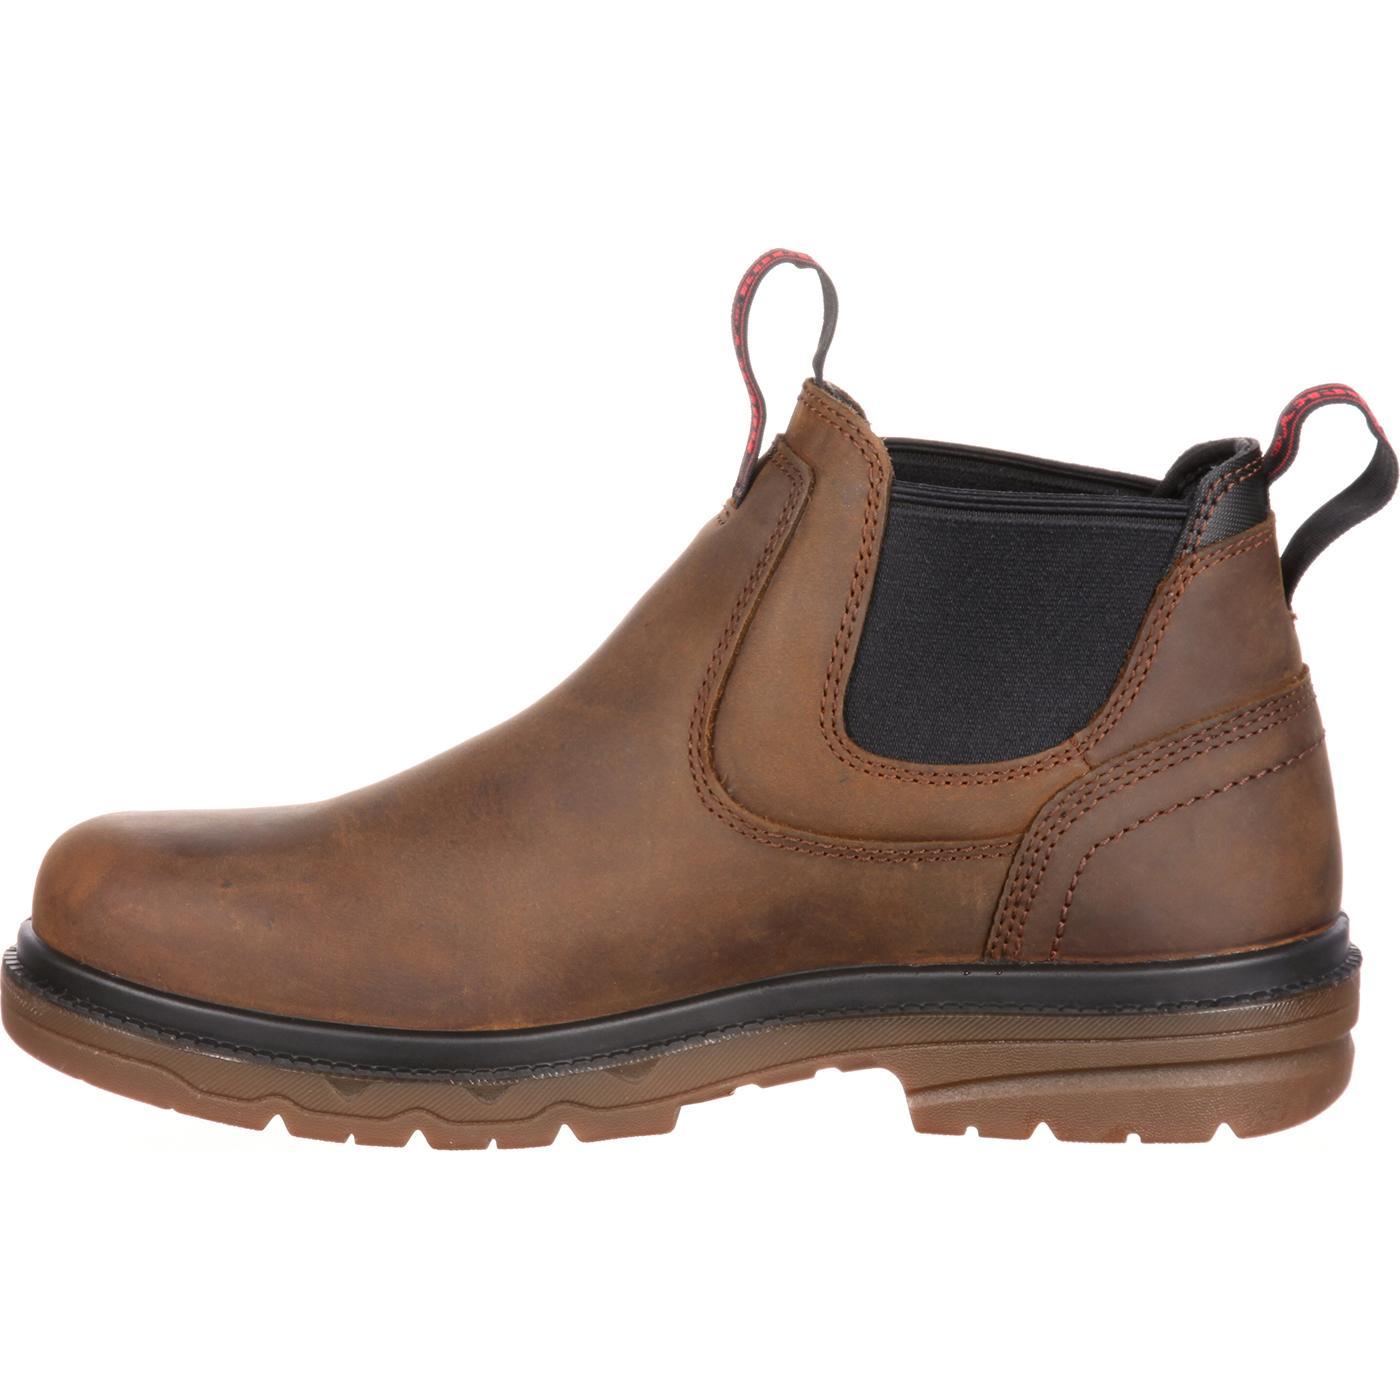 Rocky Elements Shale Steel Toe Waterproof Romeo Work Boot